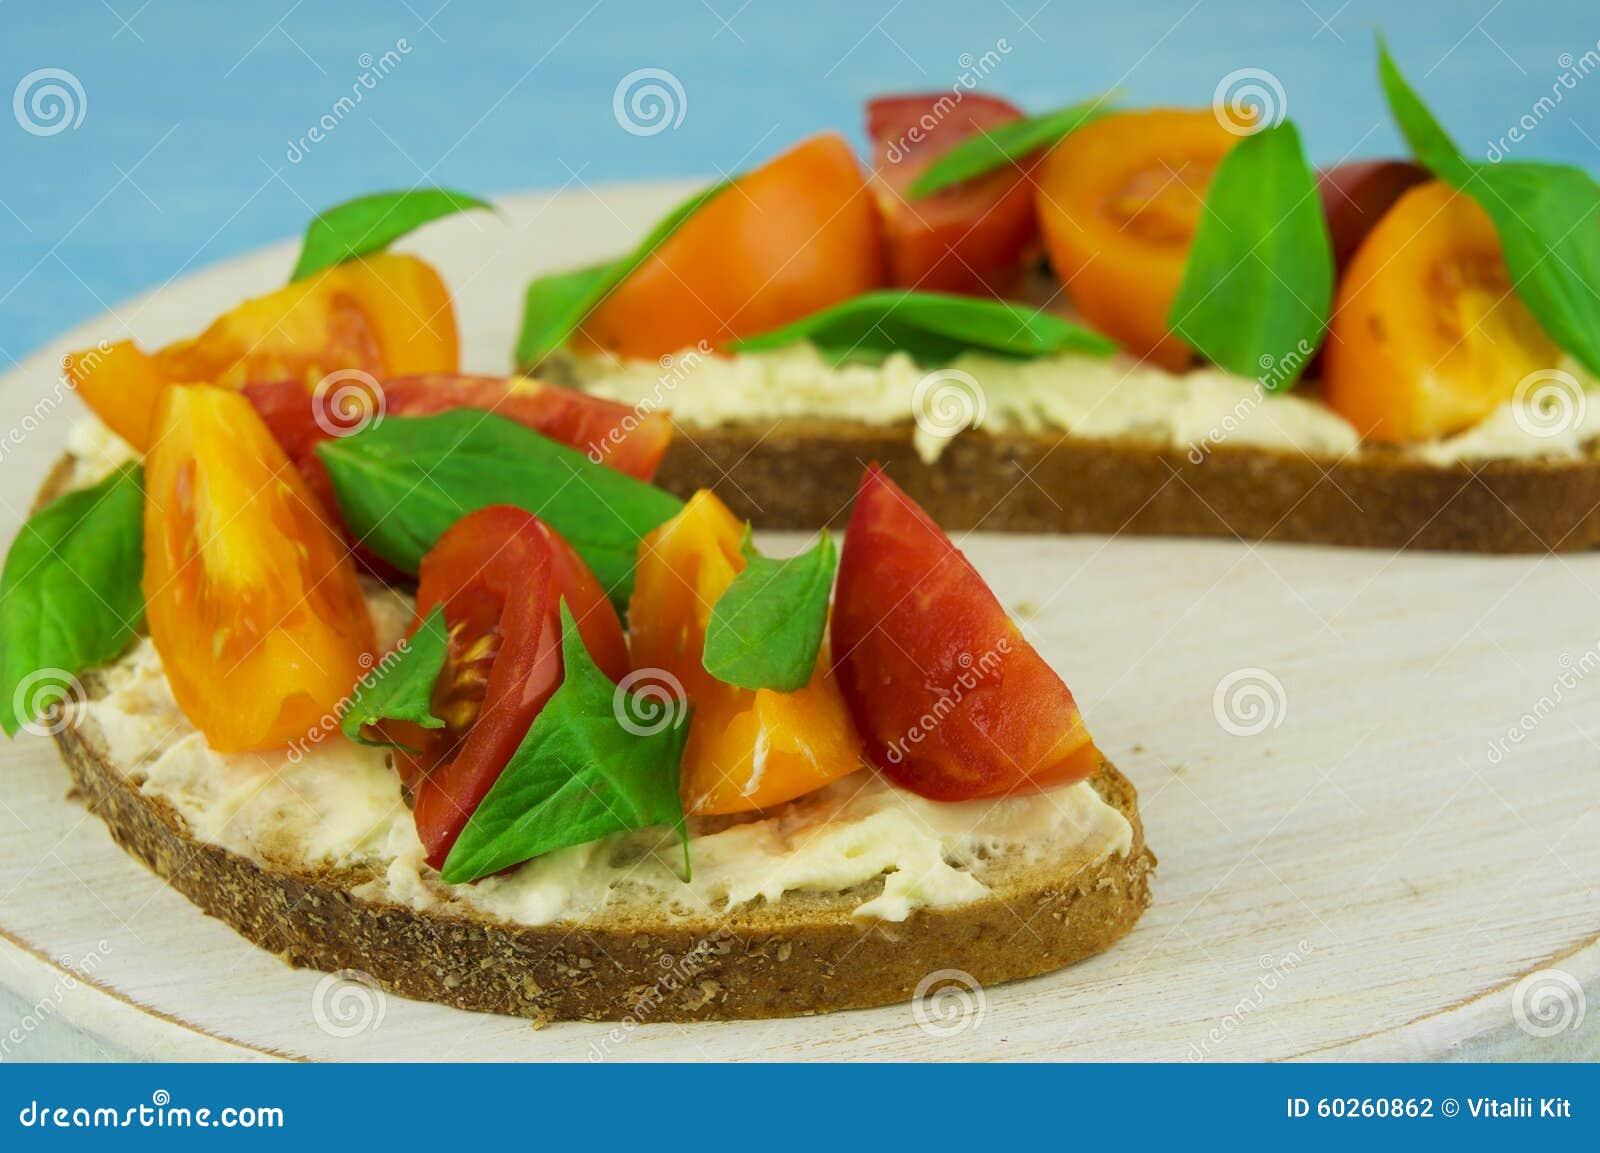 Bruschette avec le fromage à pâte molle, le basilic et les tomates-cerises sur un bois